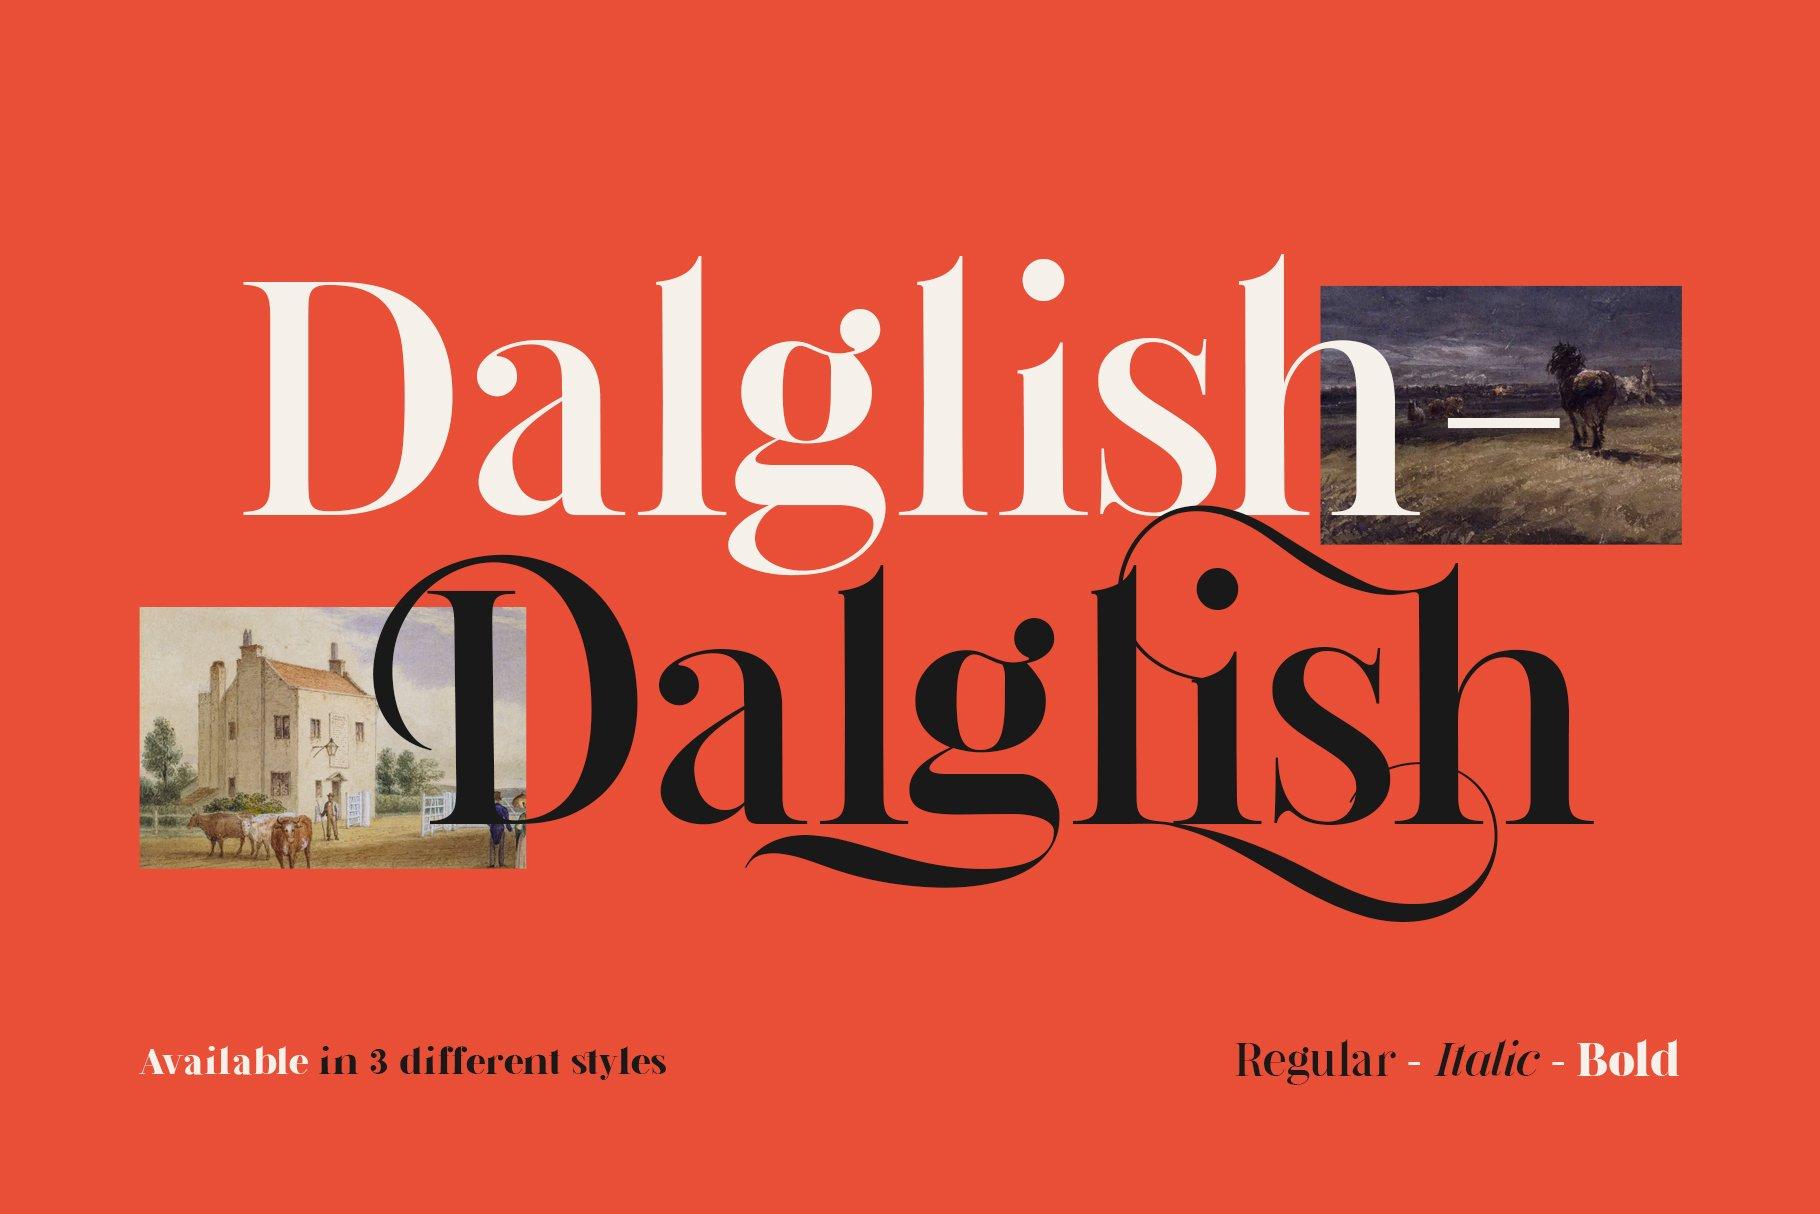 现代复古杂志海报标题徽标Logo设计衬线英文字体素材 Dalglish Typeface插图1